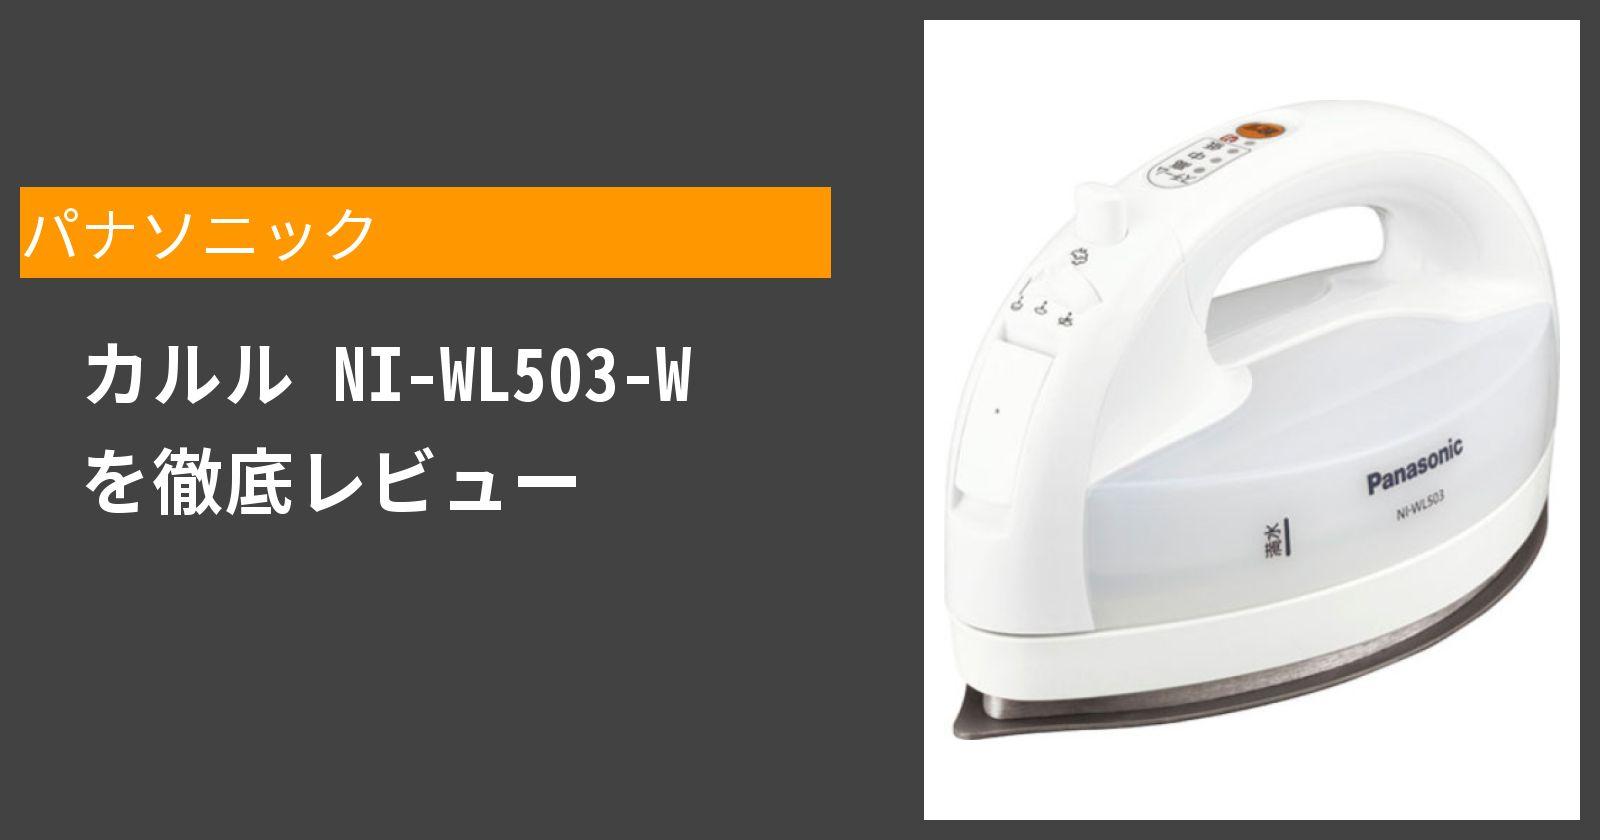 カルル NI-WL503-Wを徹底評価